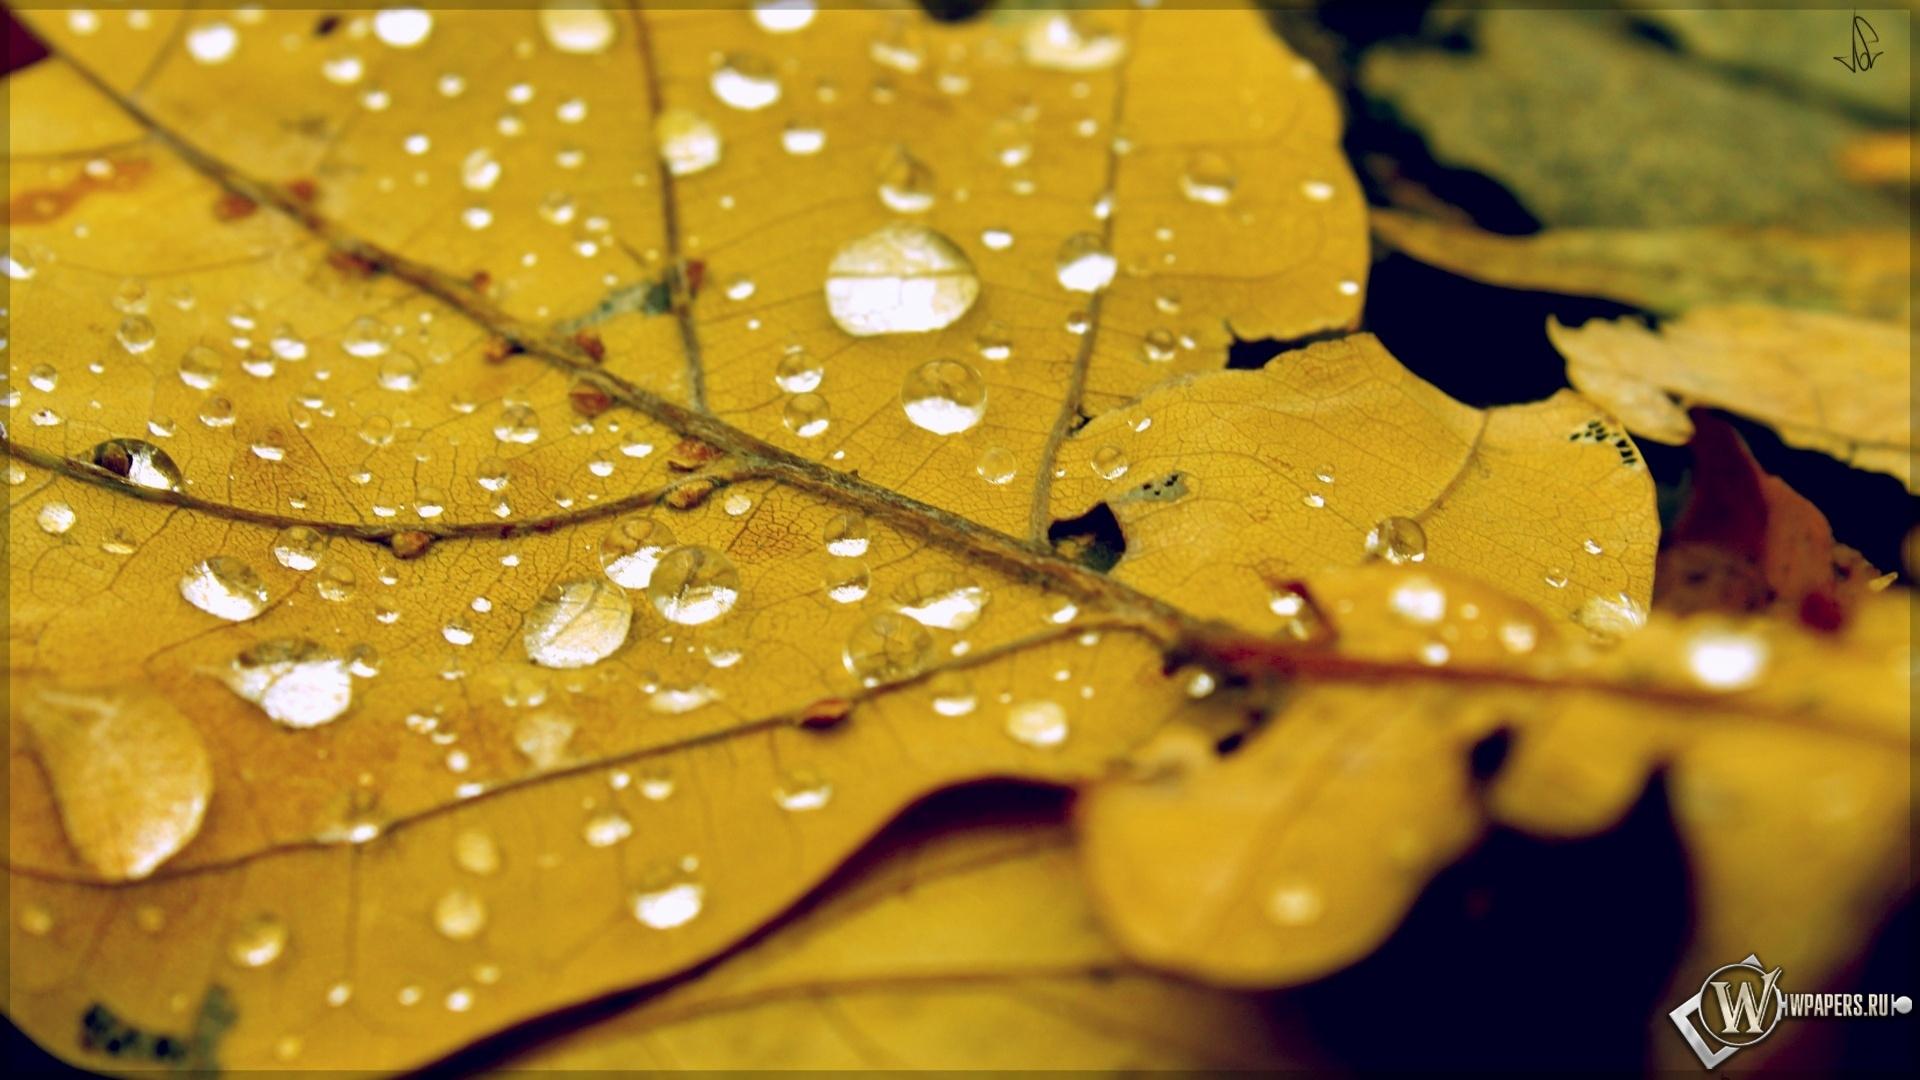 Обои Осенний лист на паутине на размытом фоне на рабочий стол